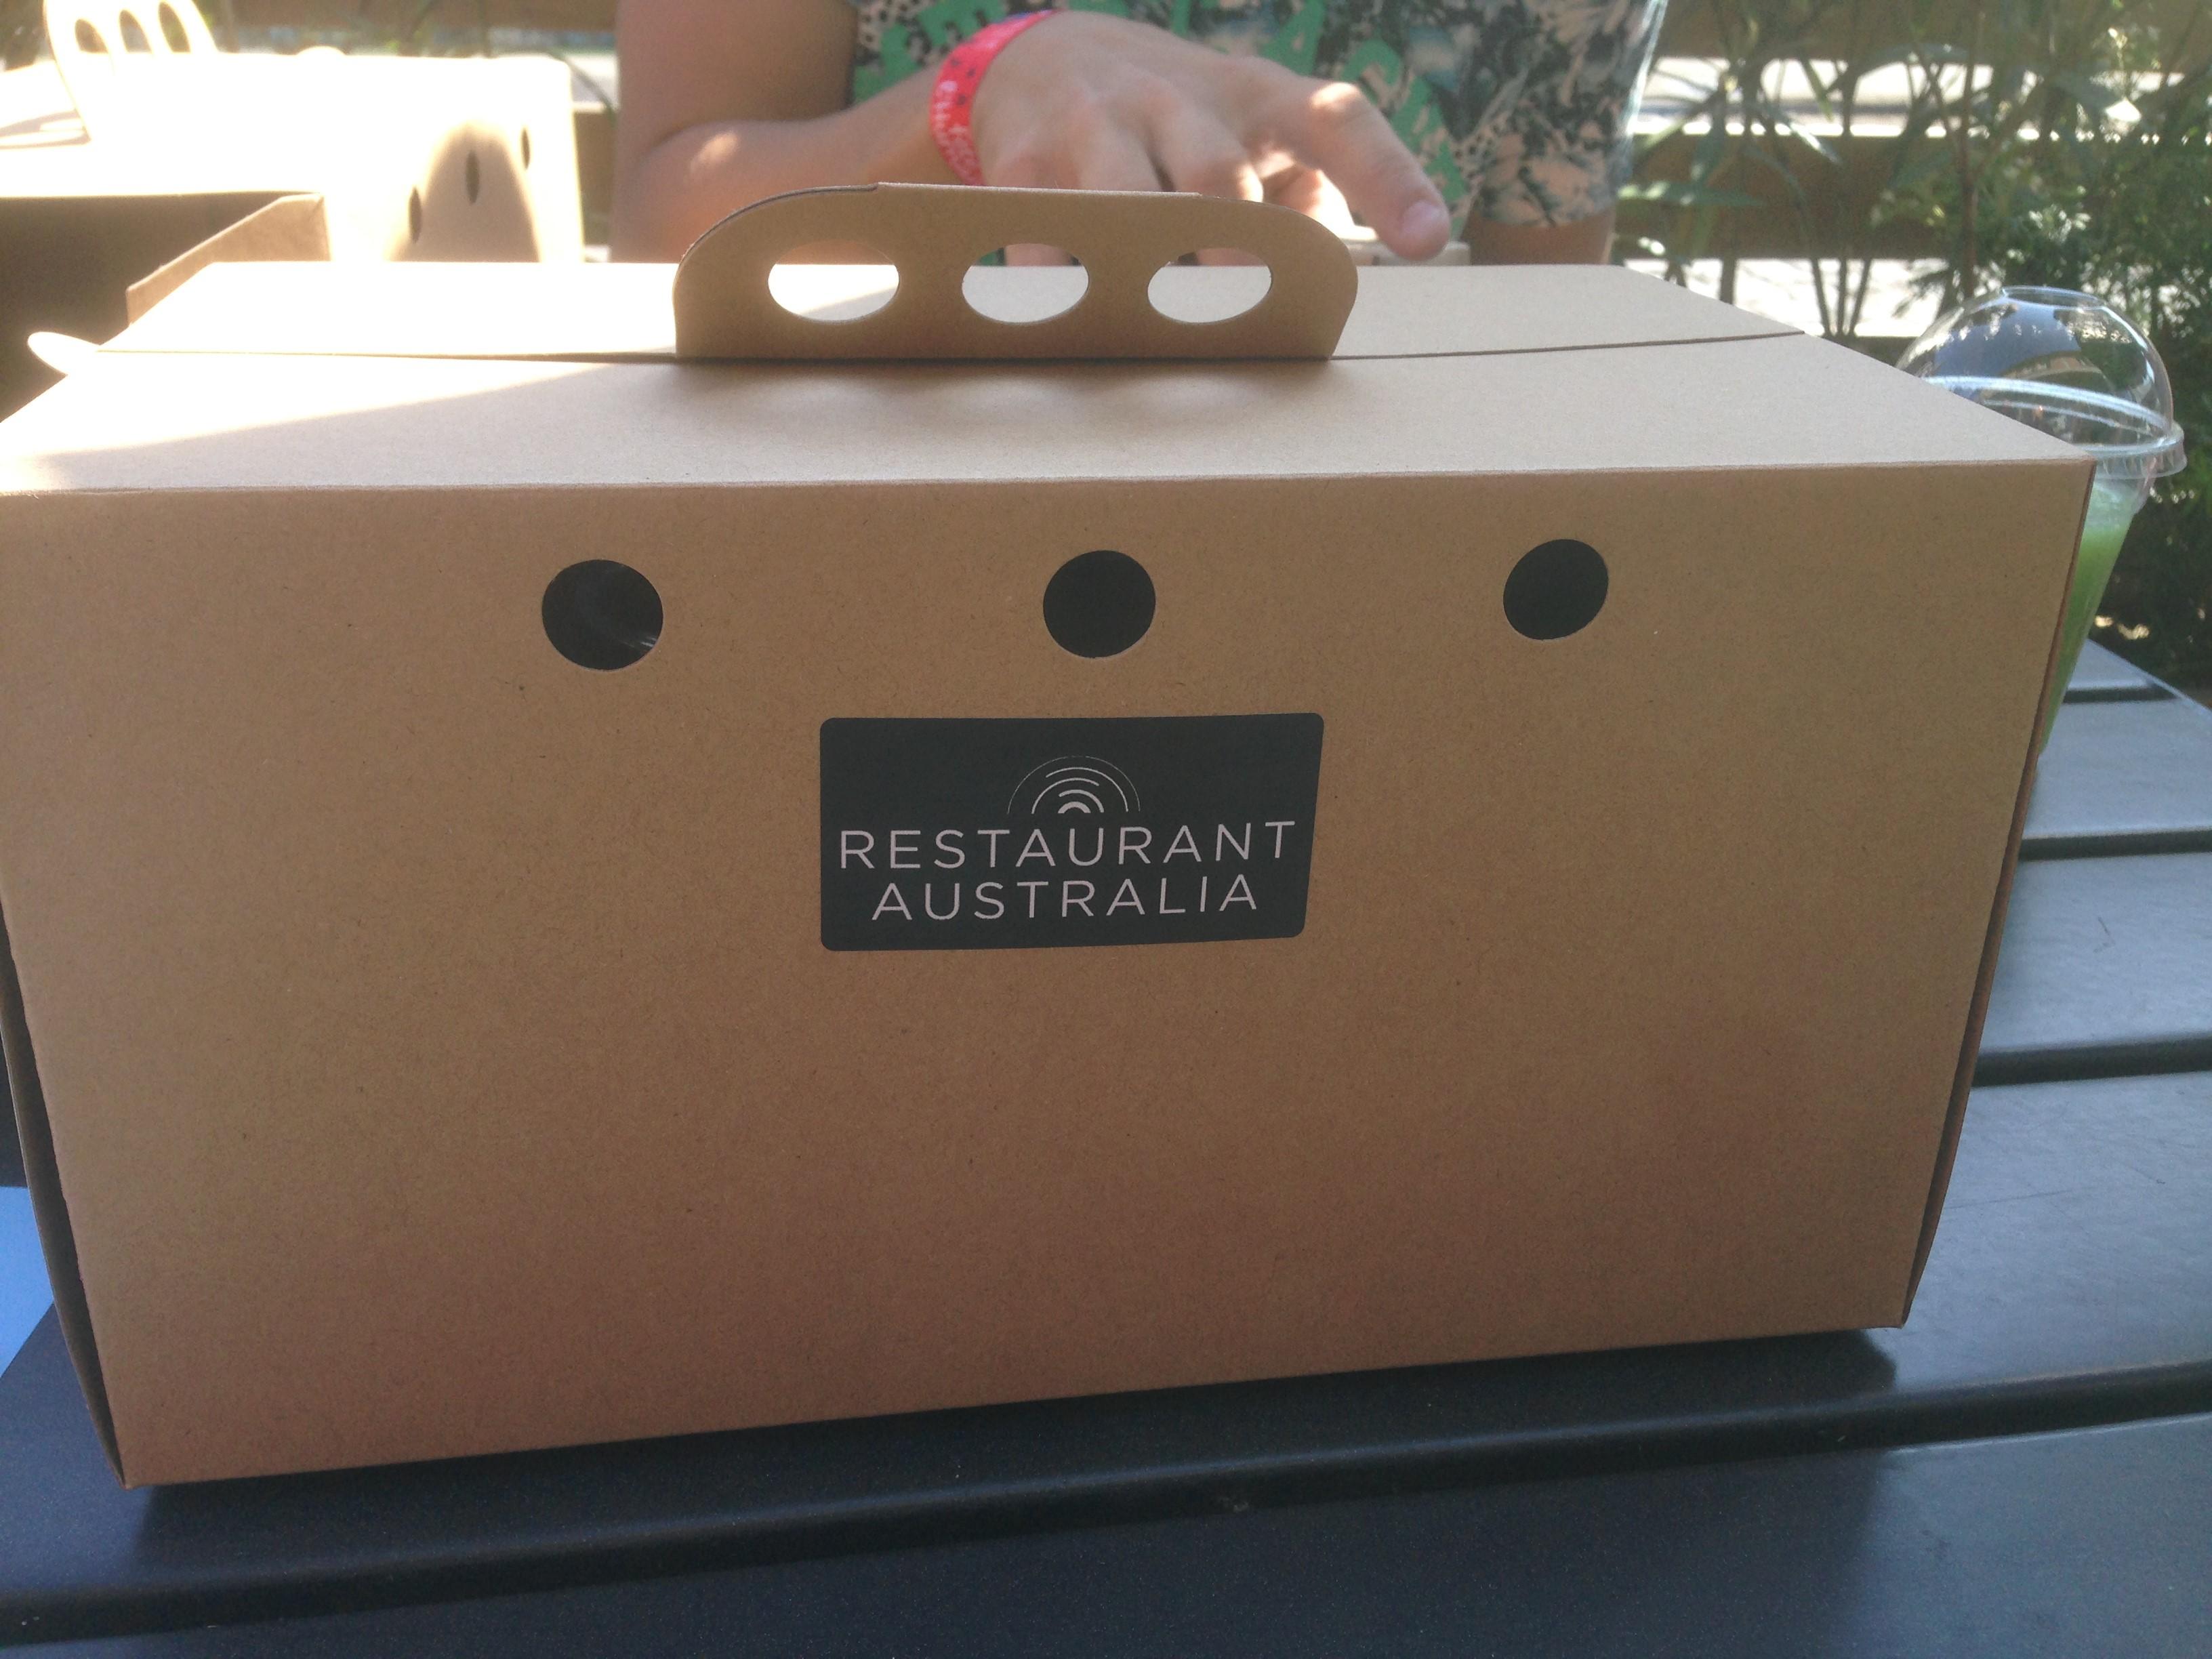 La box à 10 €